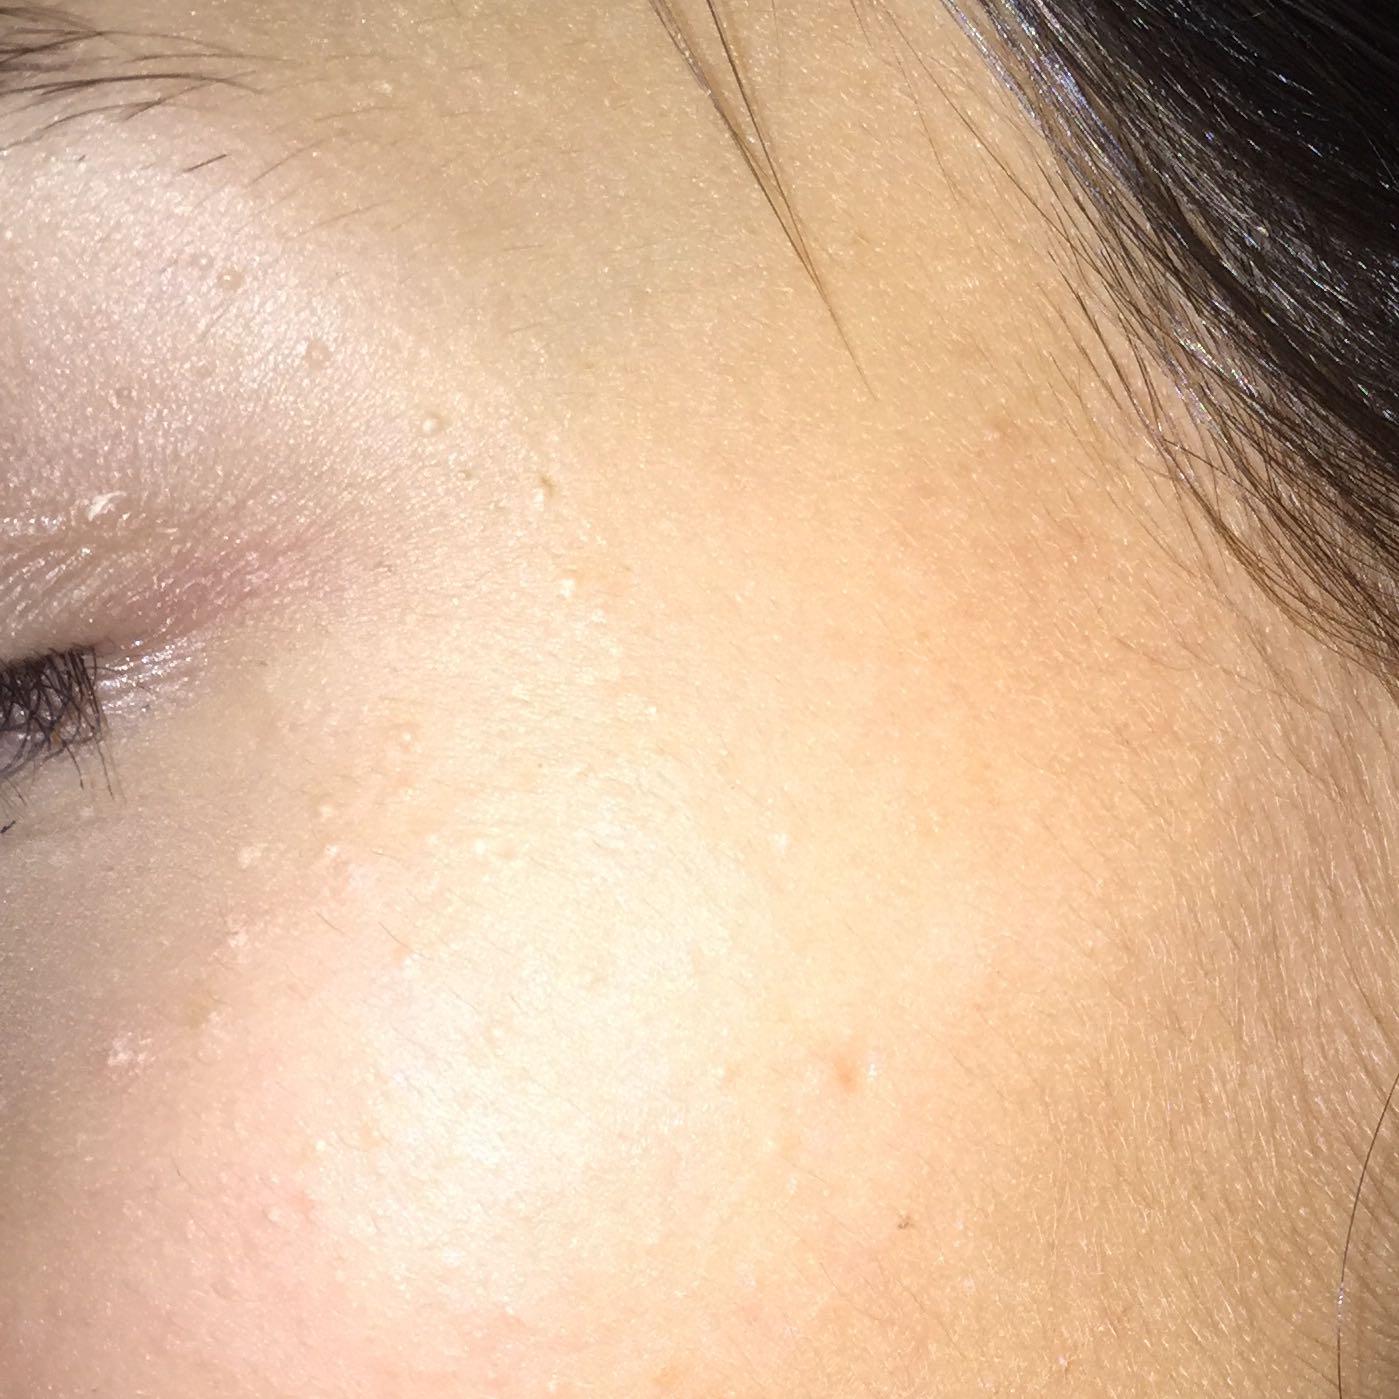 Weiße kleine pickelchen am Auge? (Mädchen, Haut, Pickel)